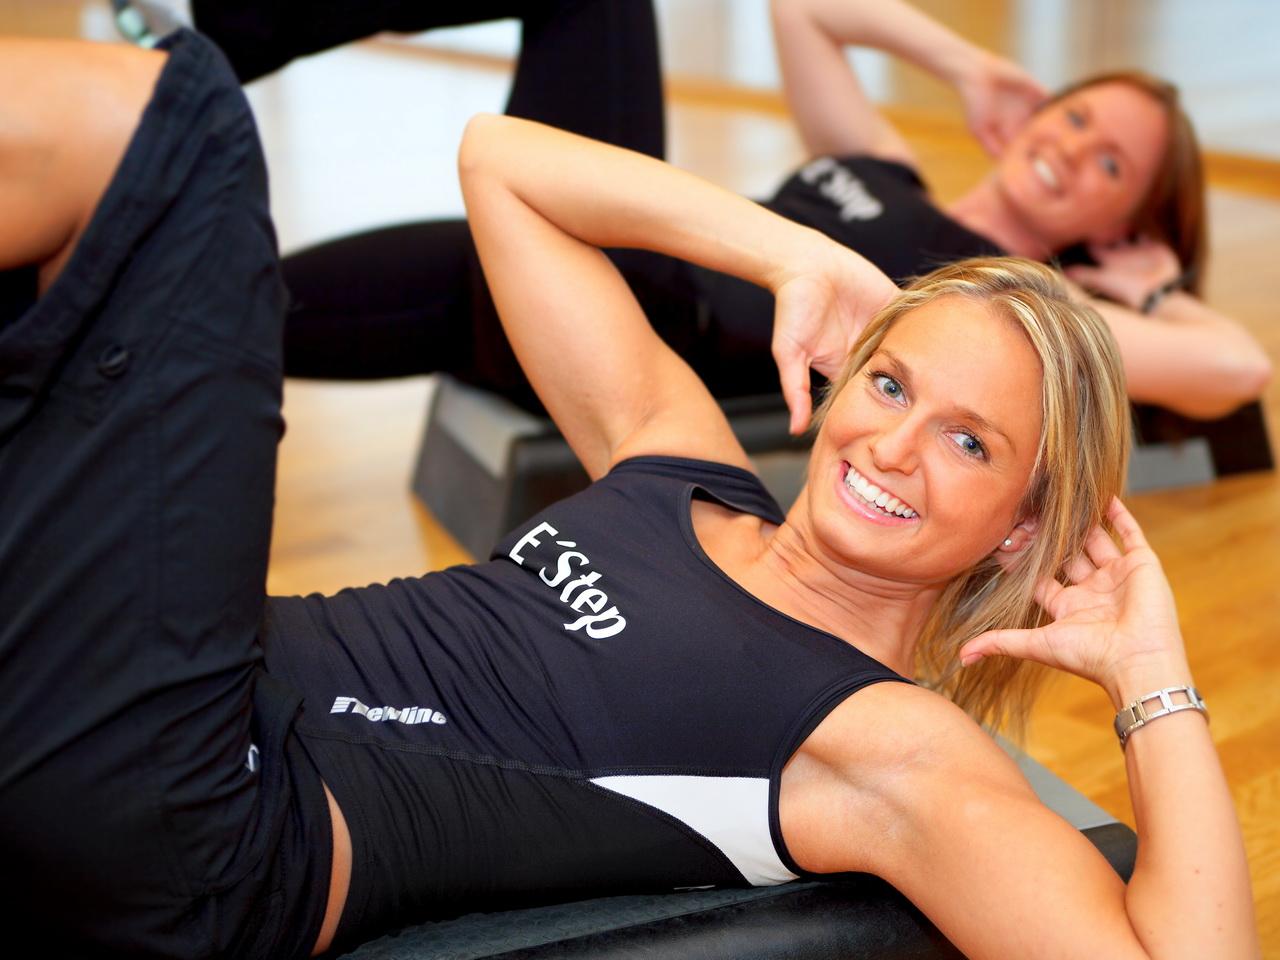 Attività fisica over 50: come fare e cosa scegliere